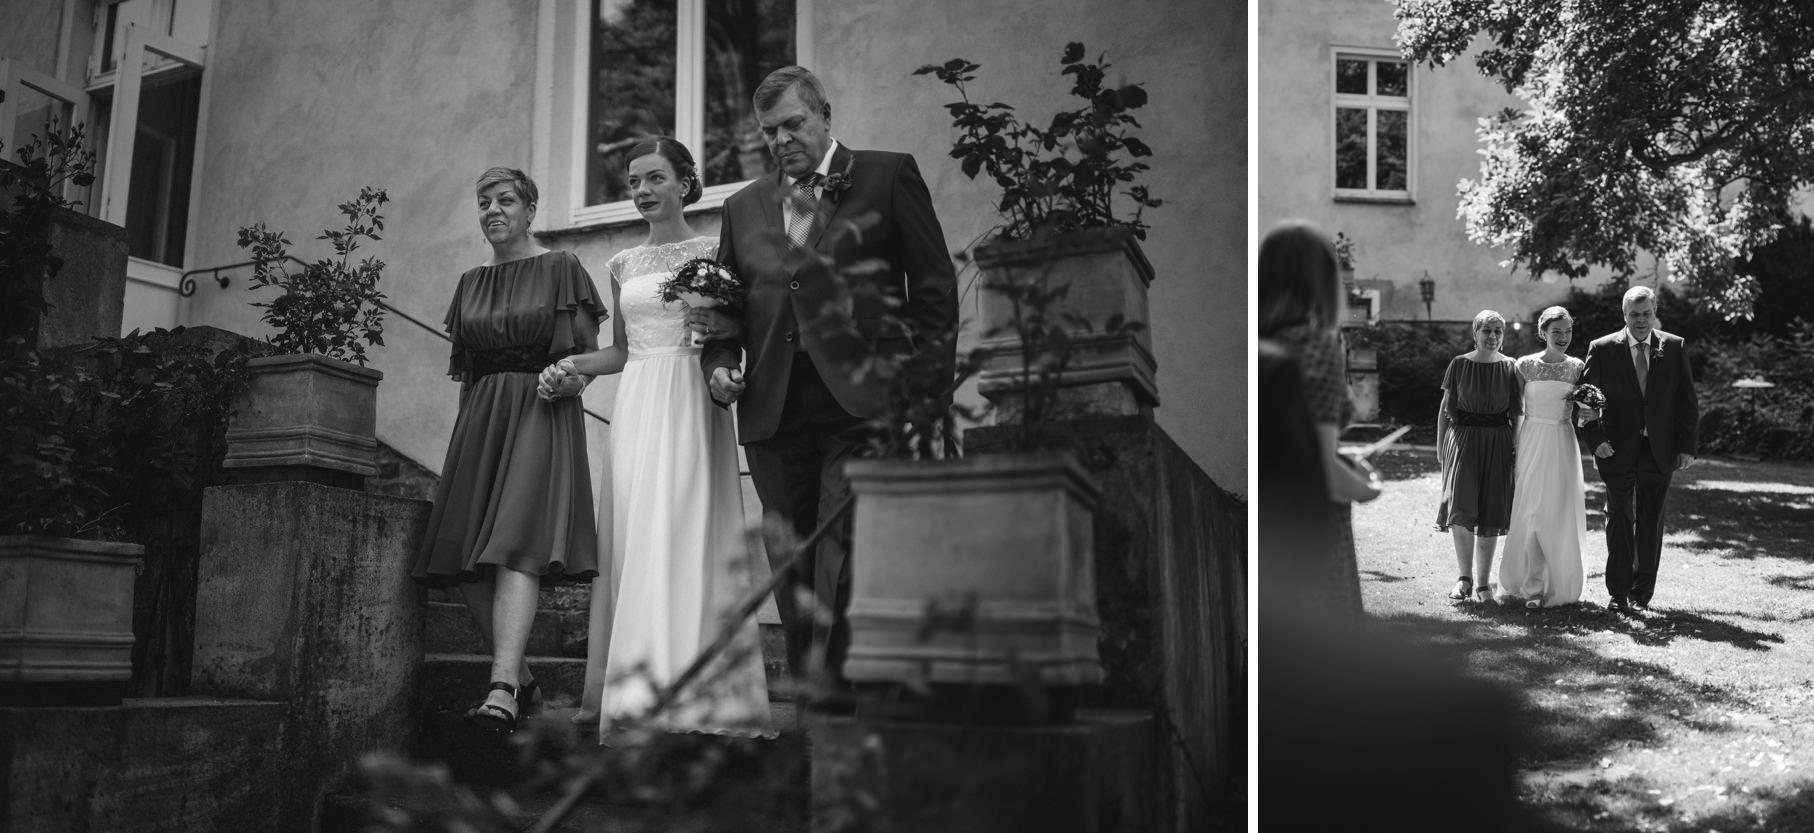 0035 schloss neuhausen hochzeitsfotograf hamburg anne bjoern - Hochzeit auf Schloss Neuhausen - Anne & Sebastian